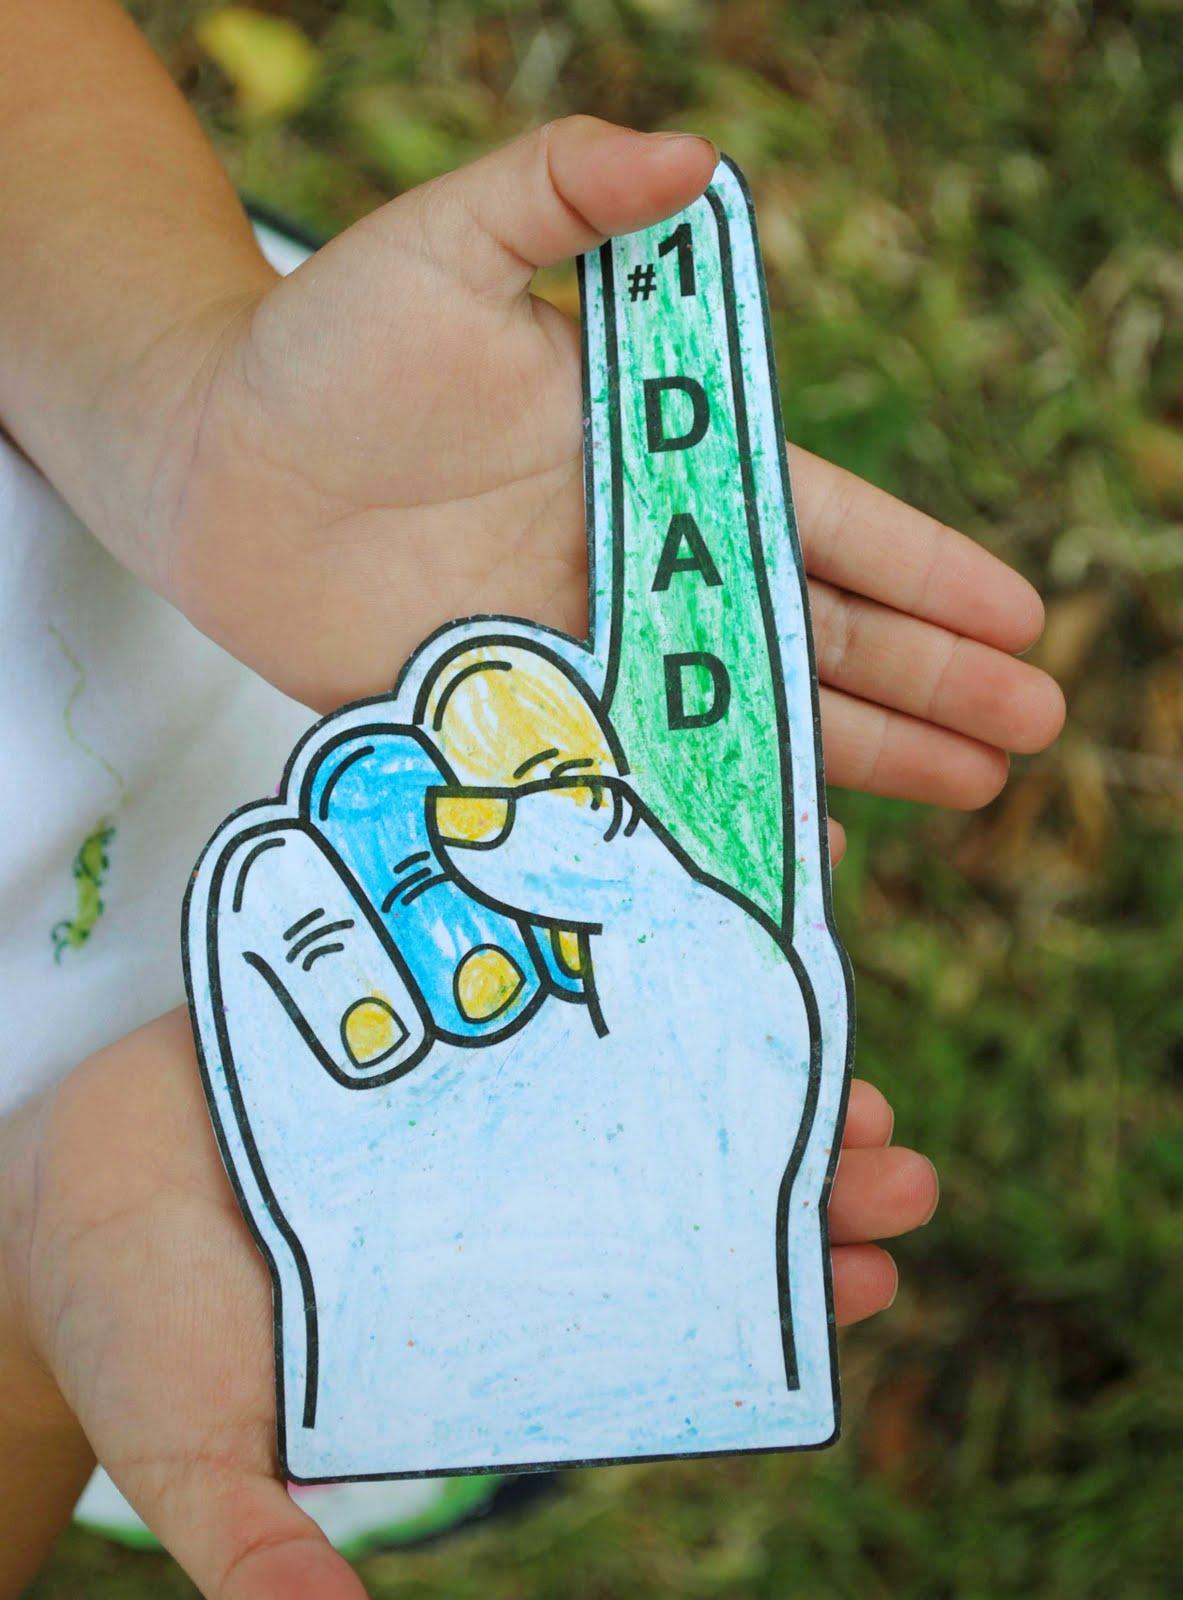 http://2.bp.blogspot.com/_kyYaMHB4tGw/TA8NPG9IdDI/AAAAAAAAEr4/rZ6XLrqIPS4/s1600/Father\'s%2BDay%2BCard%2B3.jpg